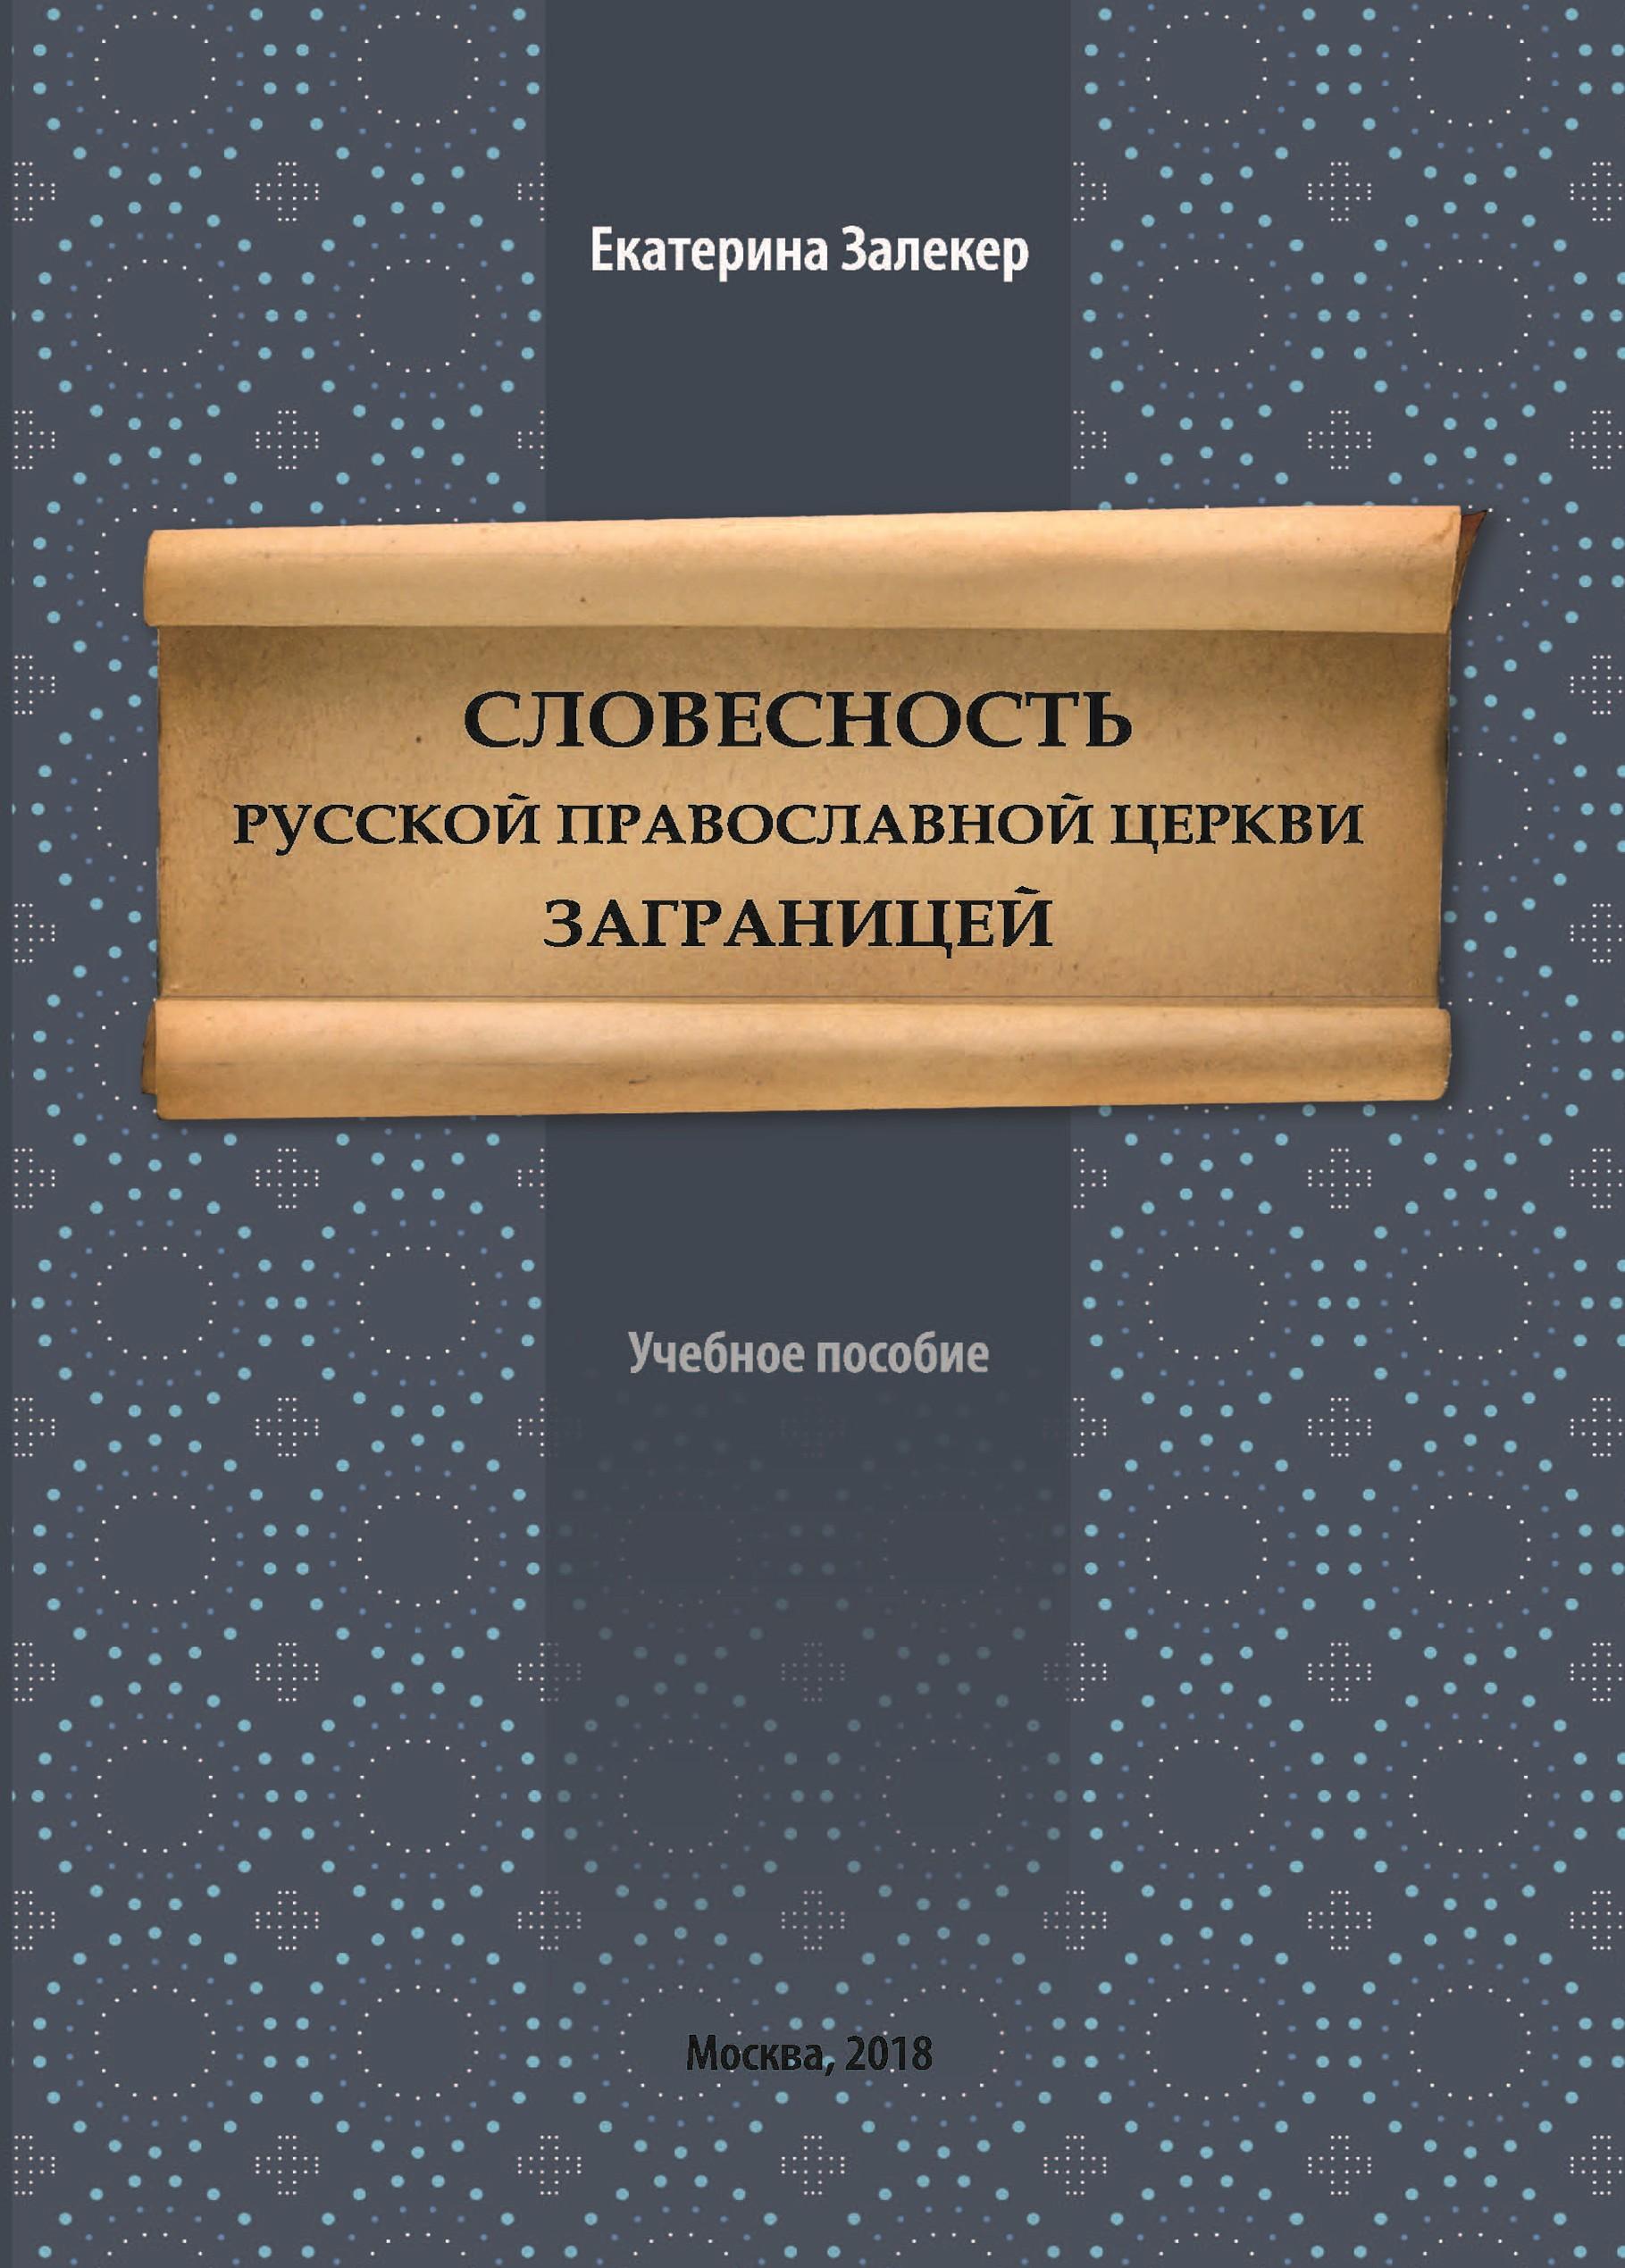 Словесность Русской православной церкви заграницей